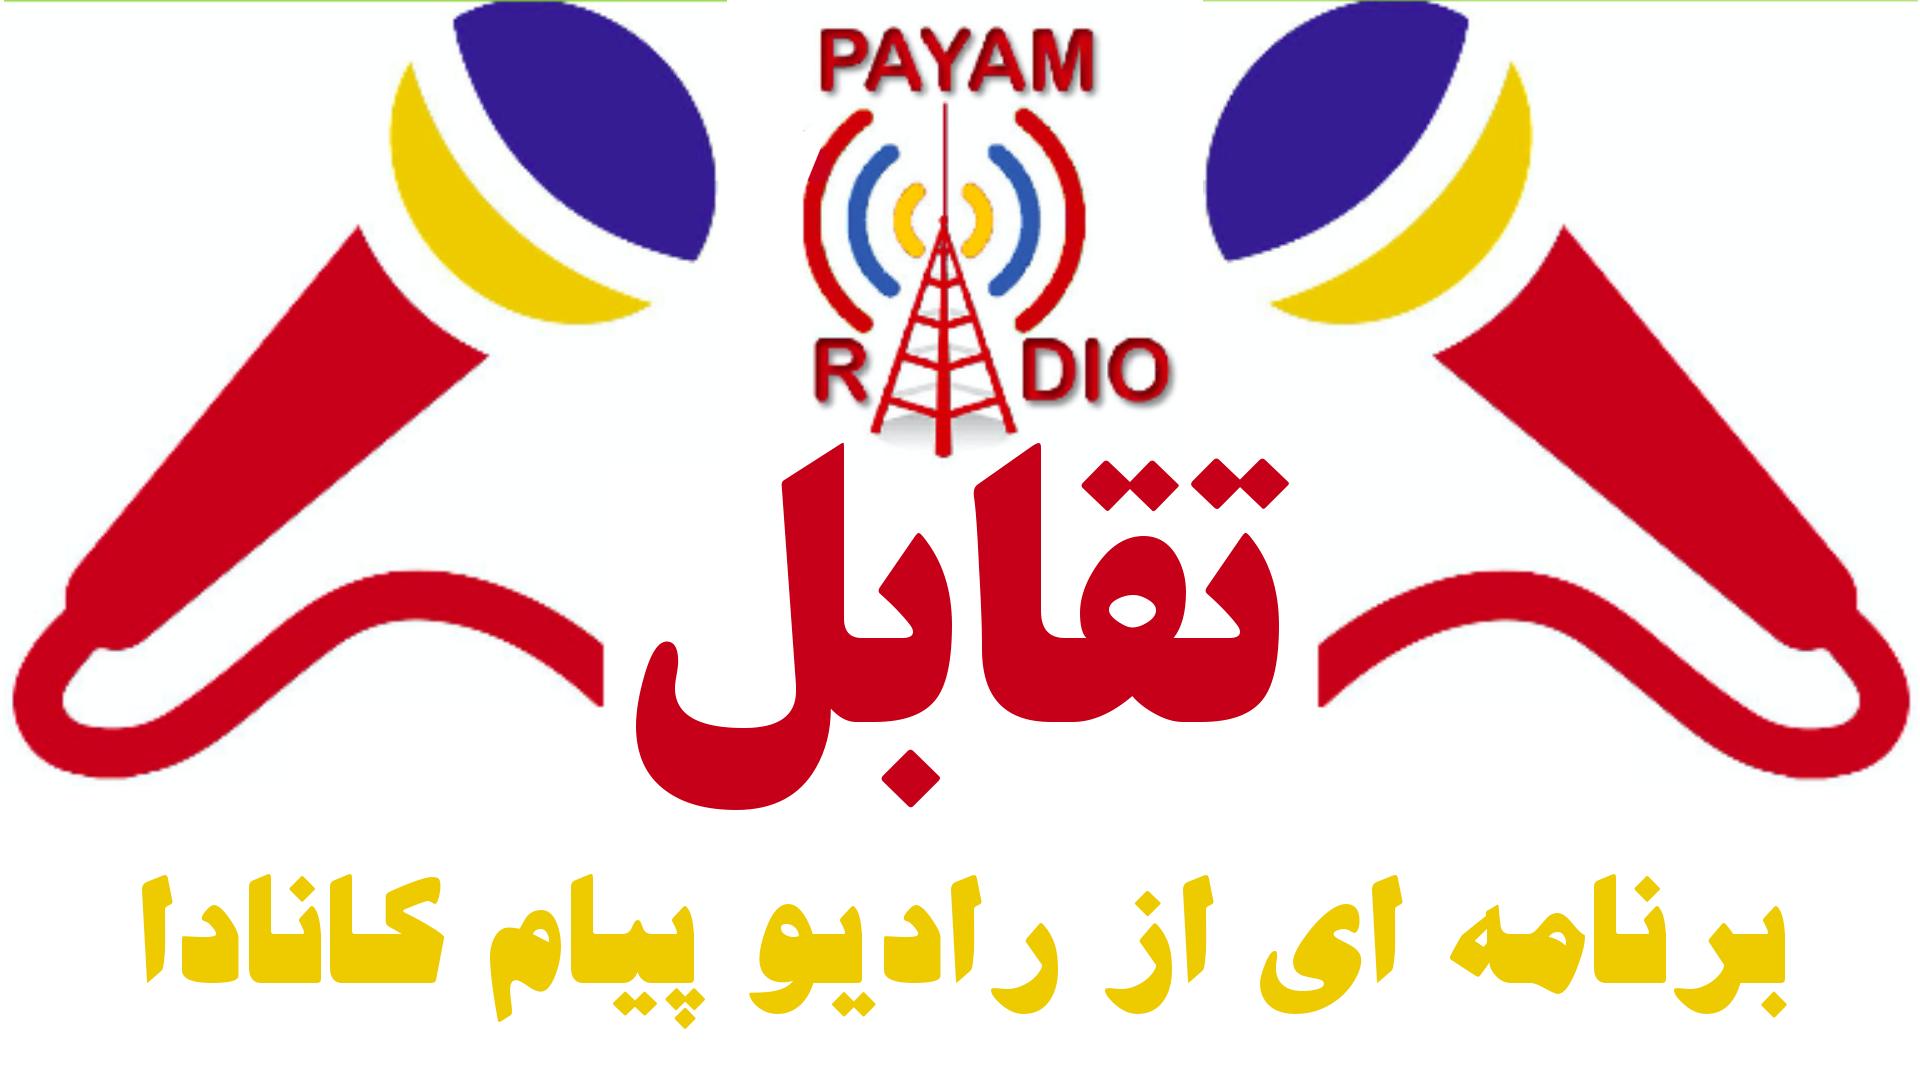 تقابل برنامه ای از رادیو پیام کانادا